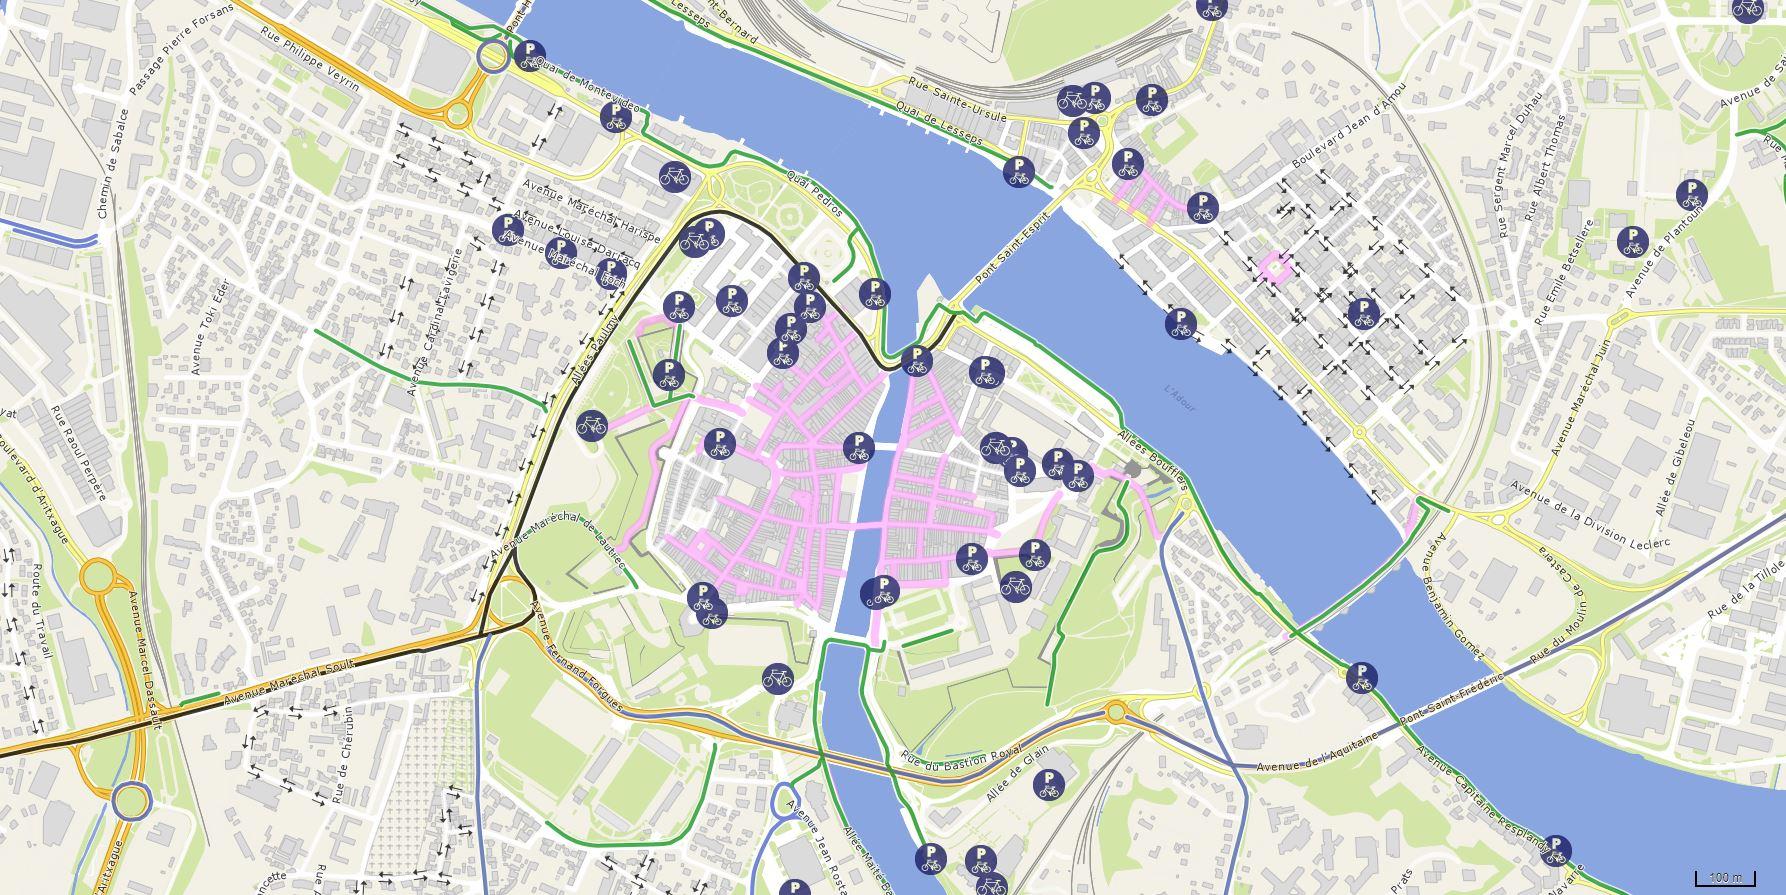 Plan des parkings à vélo à Bayonne